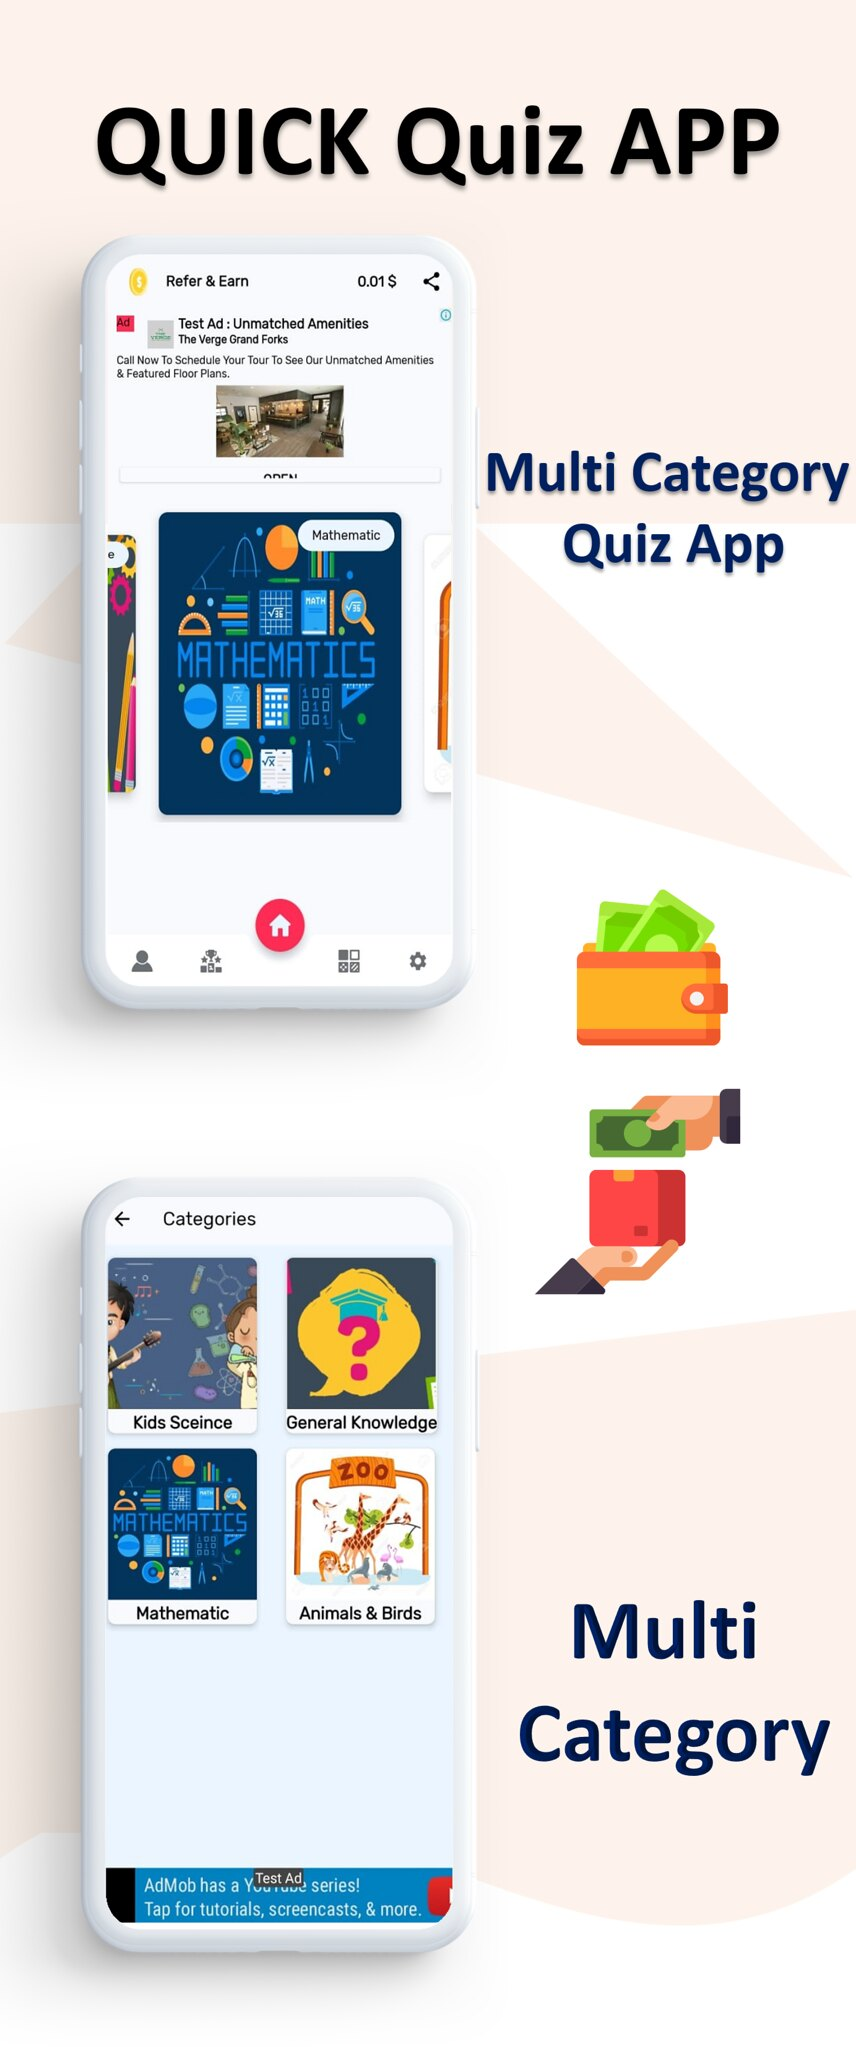 Quick Quiz App | Quiz App | Multi Category | Amob Ads | Facebook Ads | Admin Panel - 4